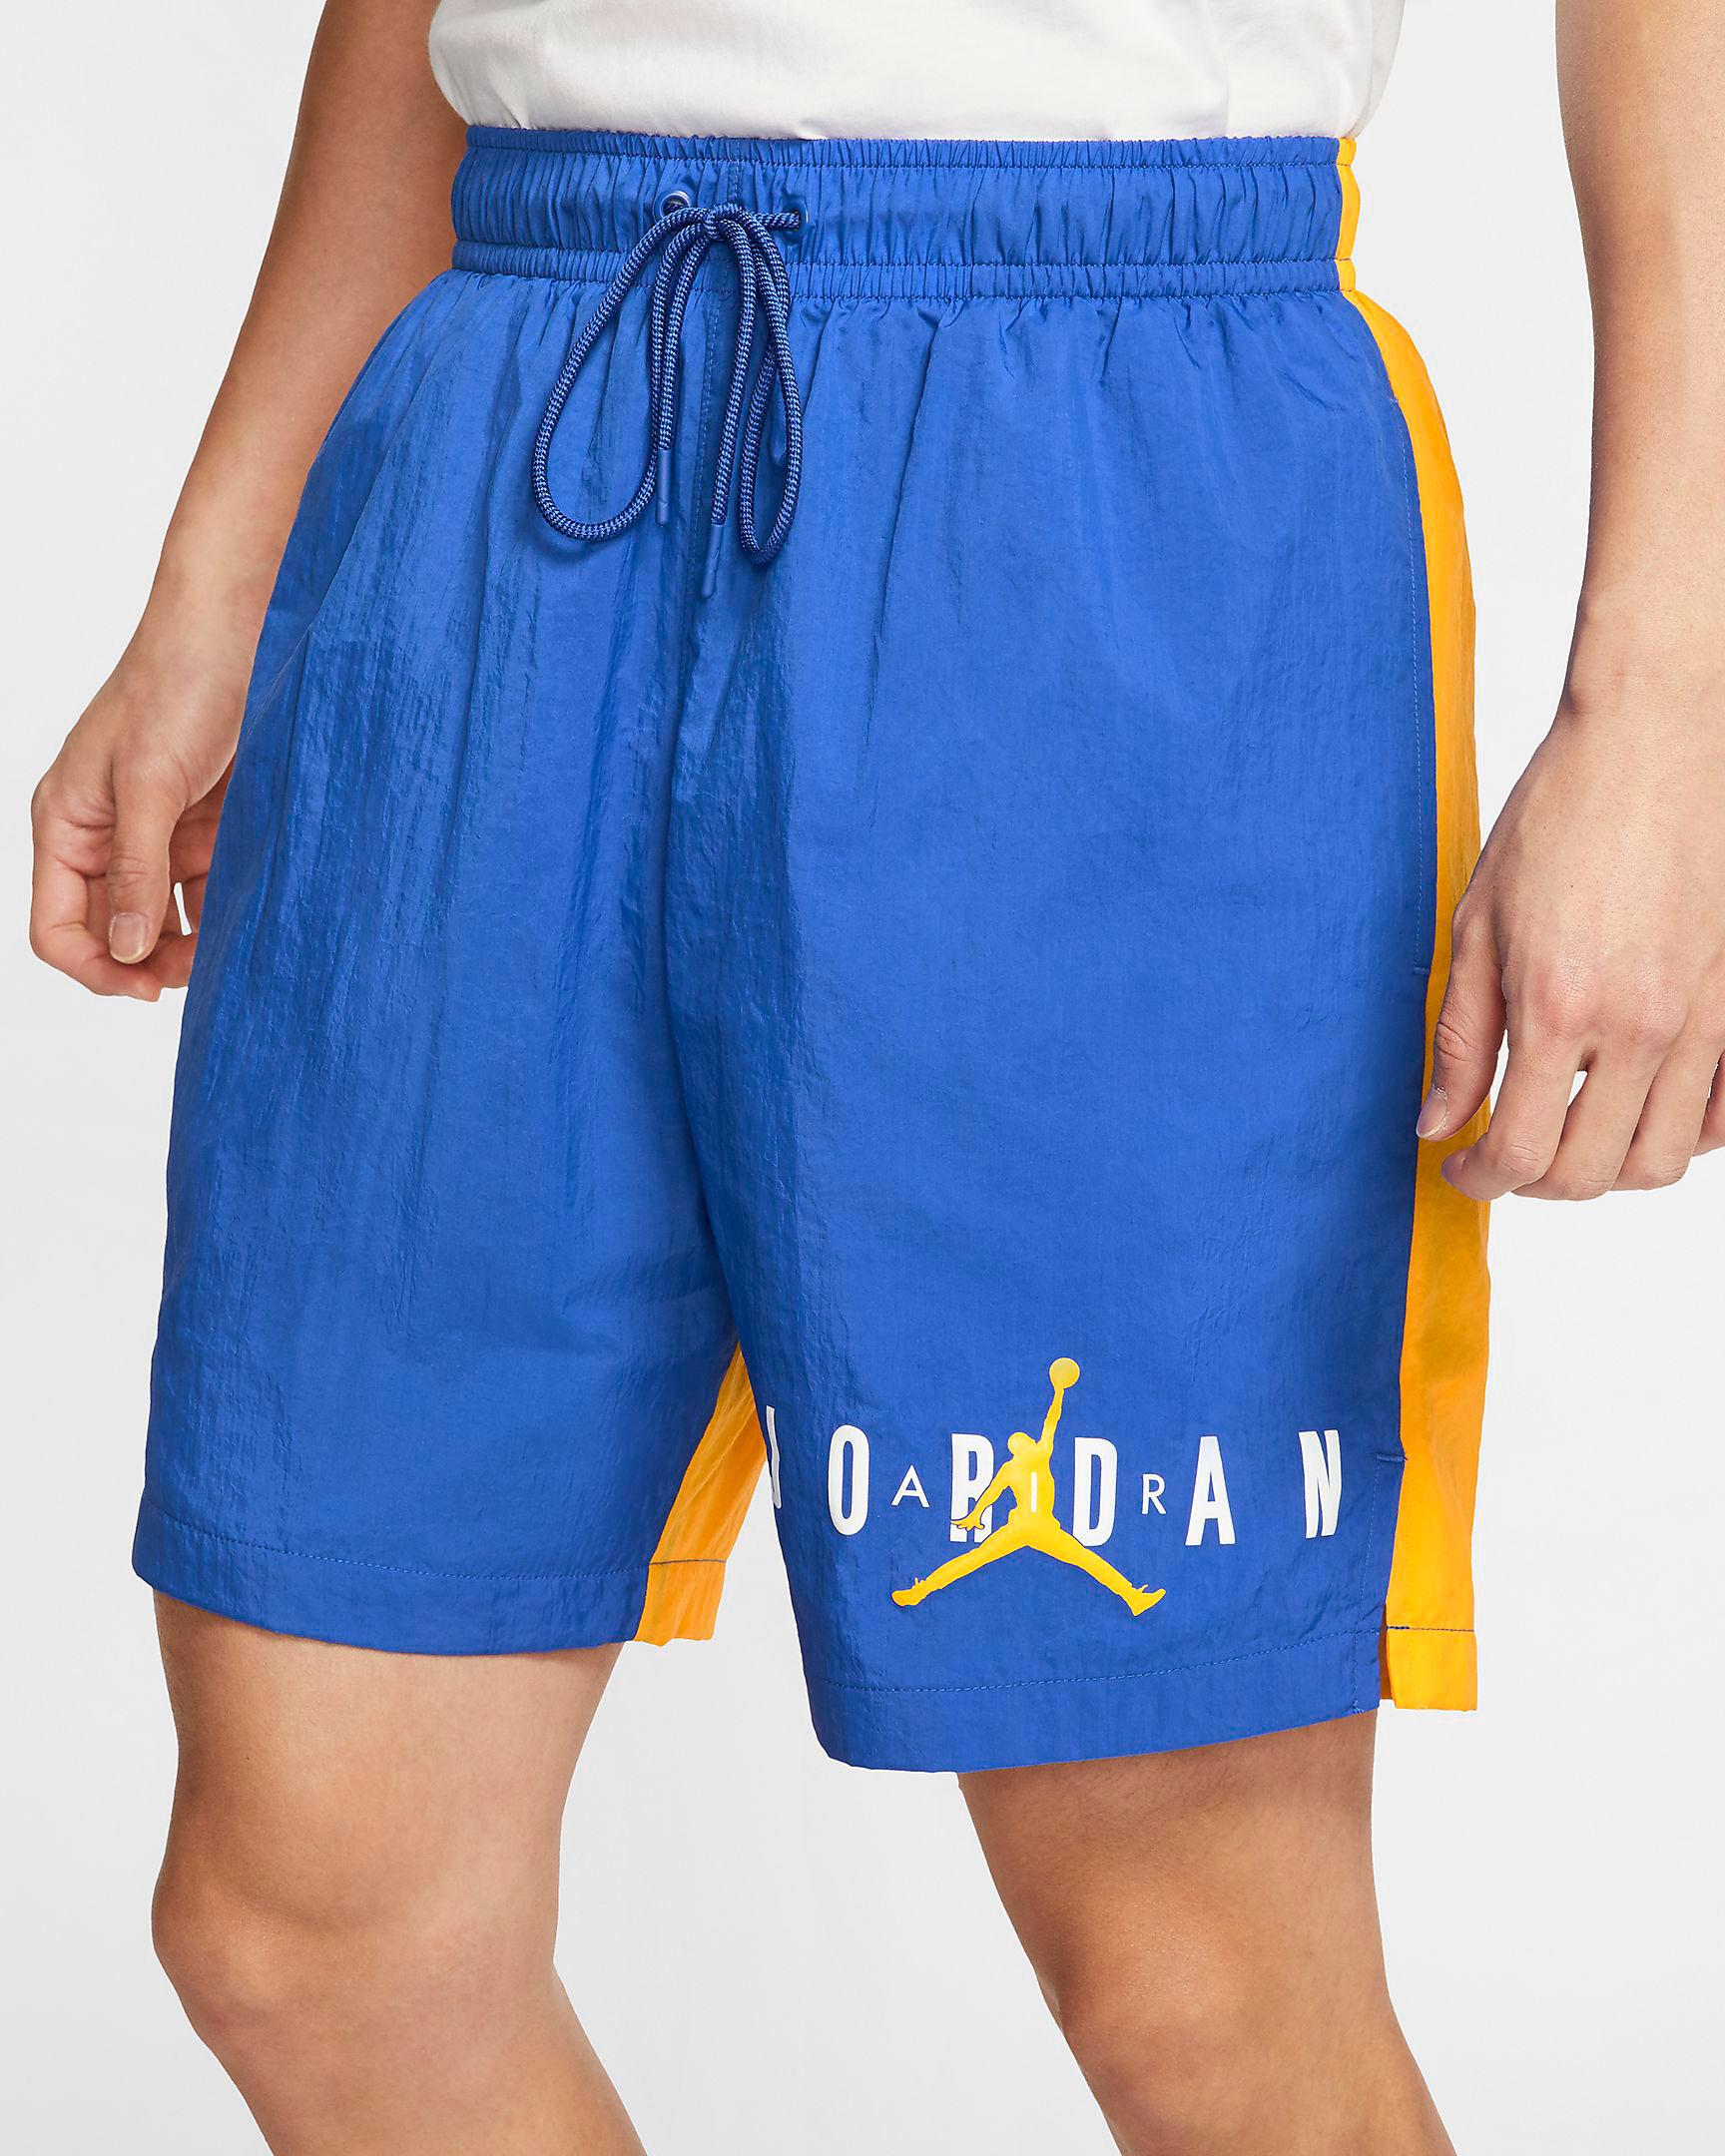 jordan-royal-blue-shorts